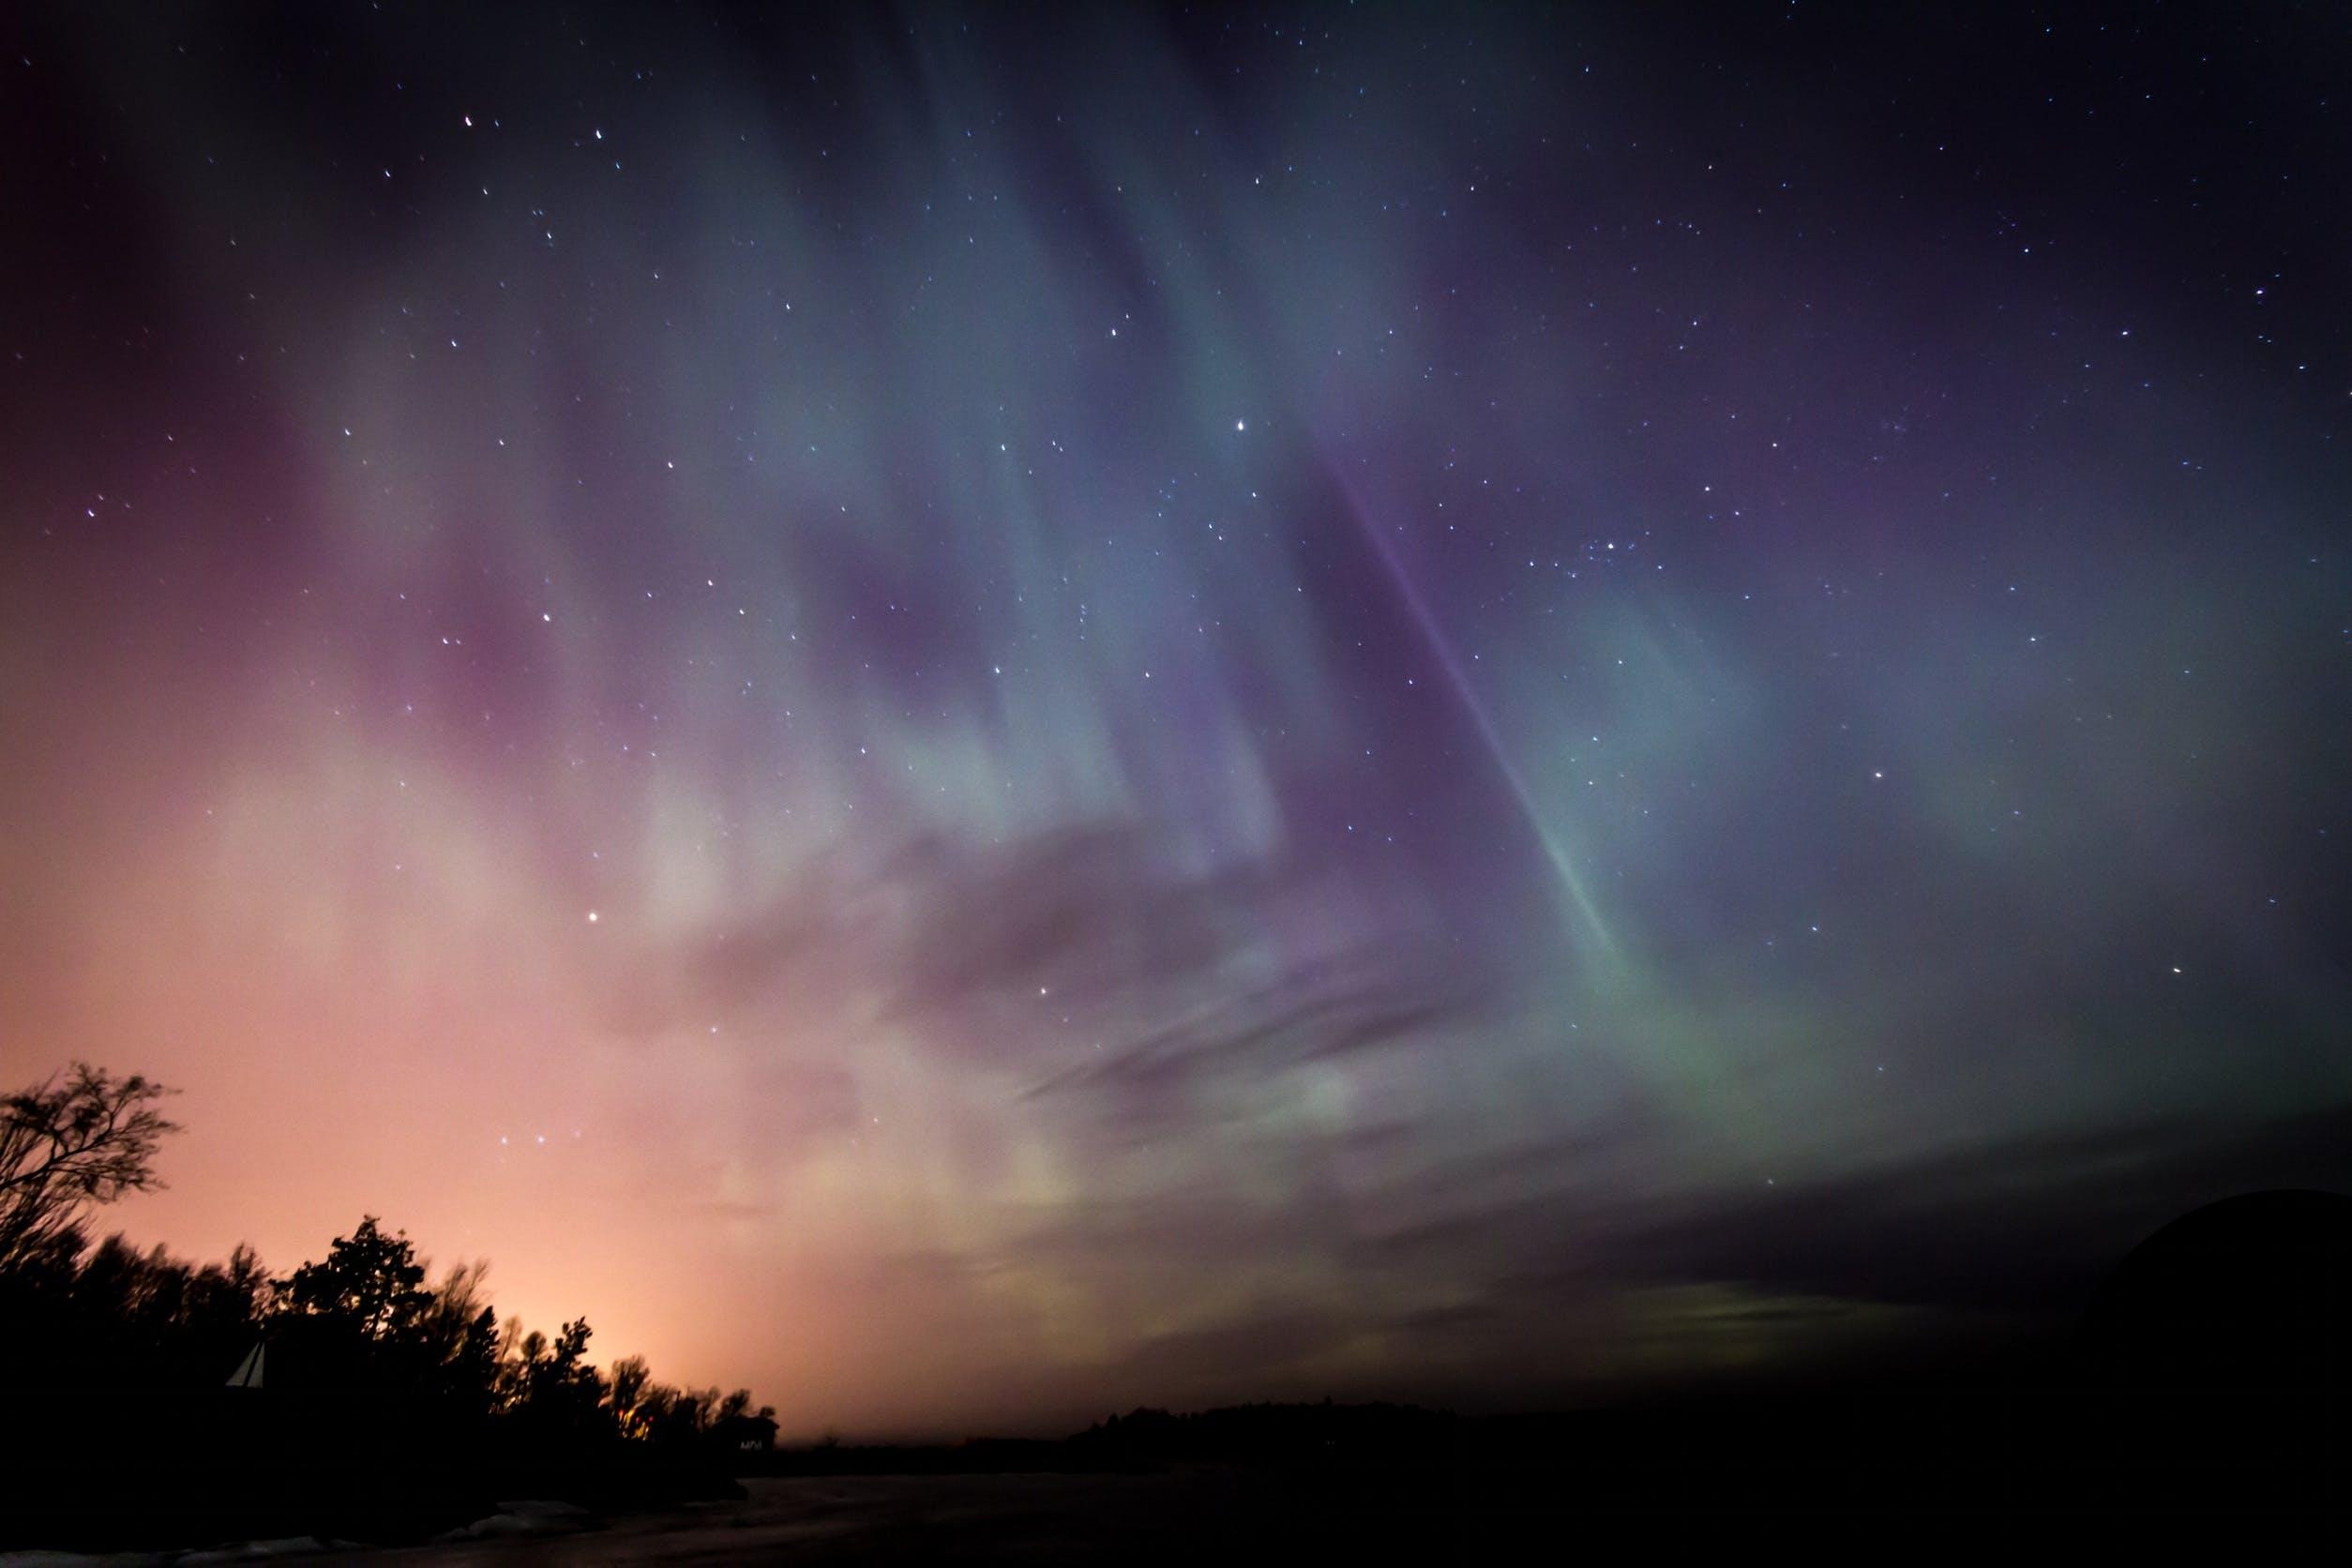 Δωρεάν στοκ φωτογραφιών με aurora borealis, αστέρια, αστερισμός, δωρεάν ταπετσαρία